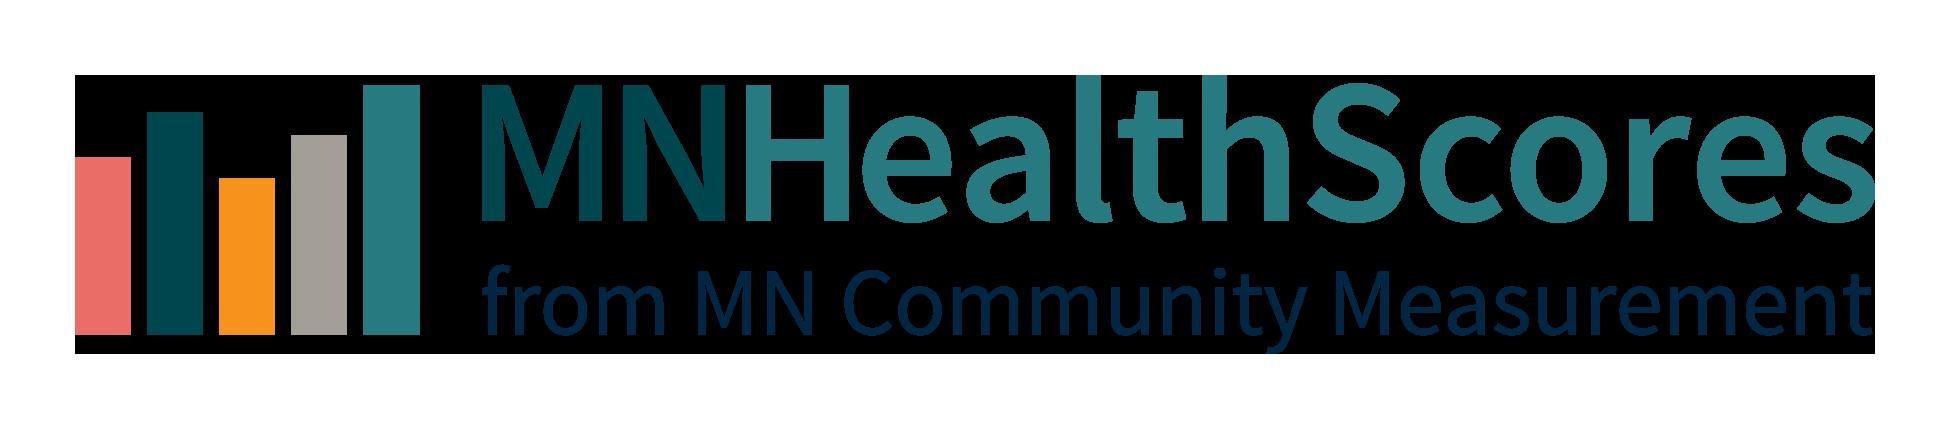 MNHealthScores logo